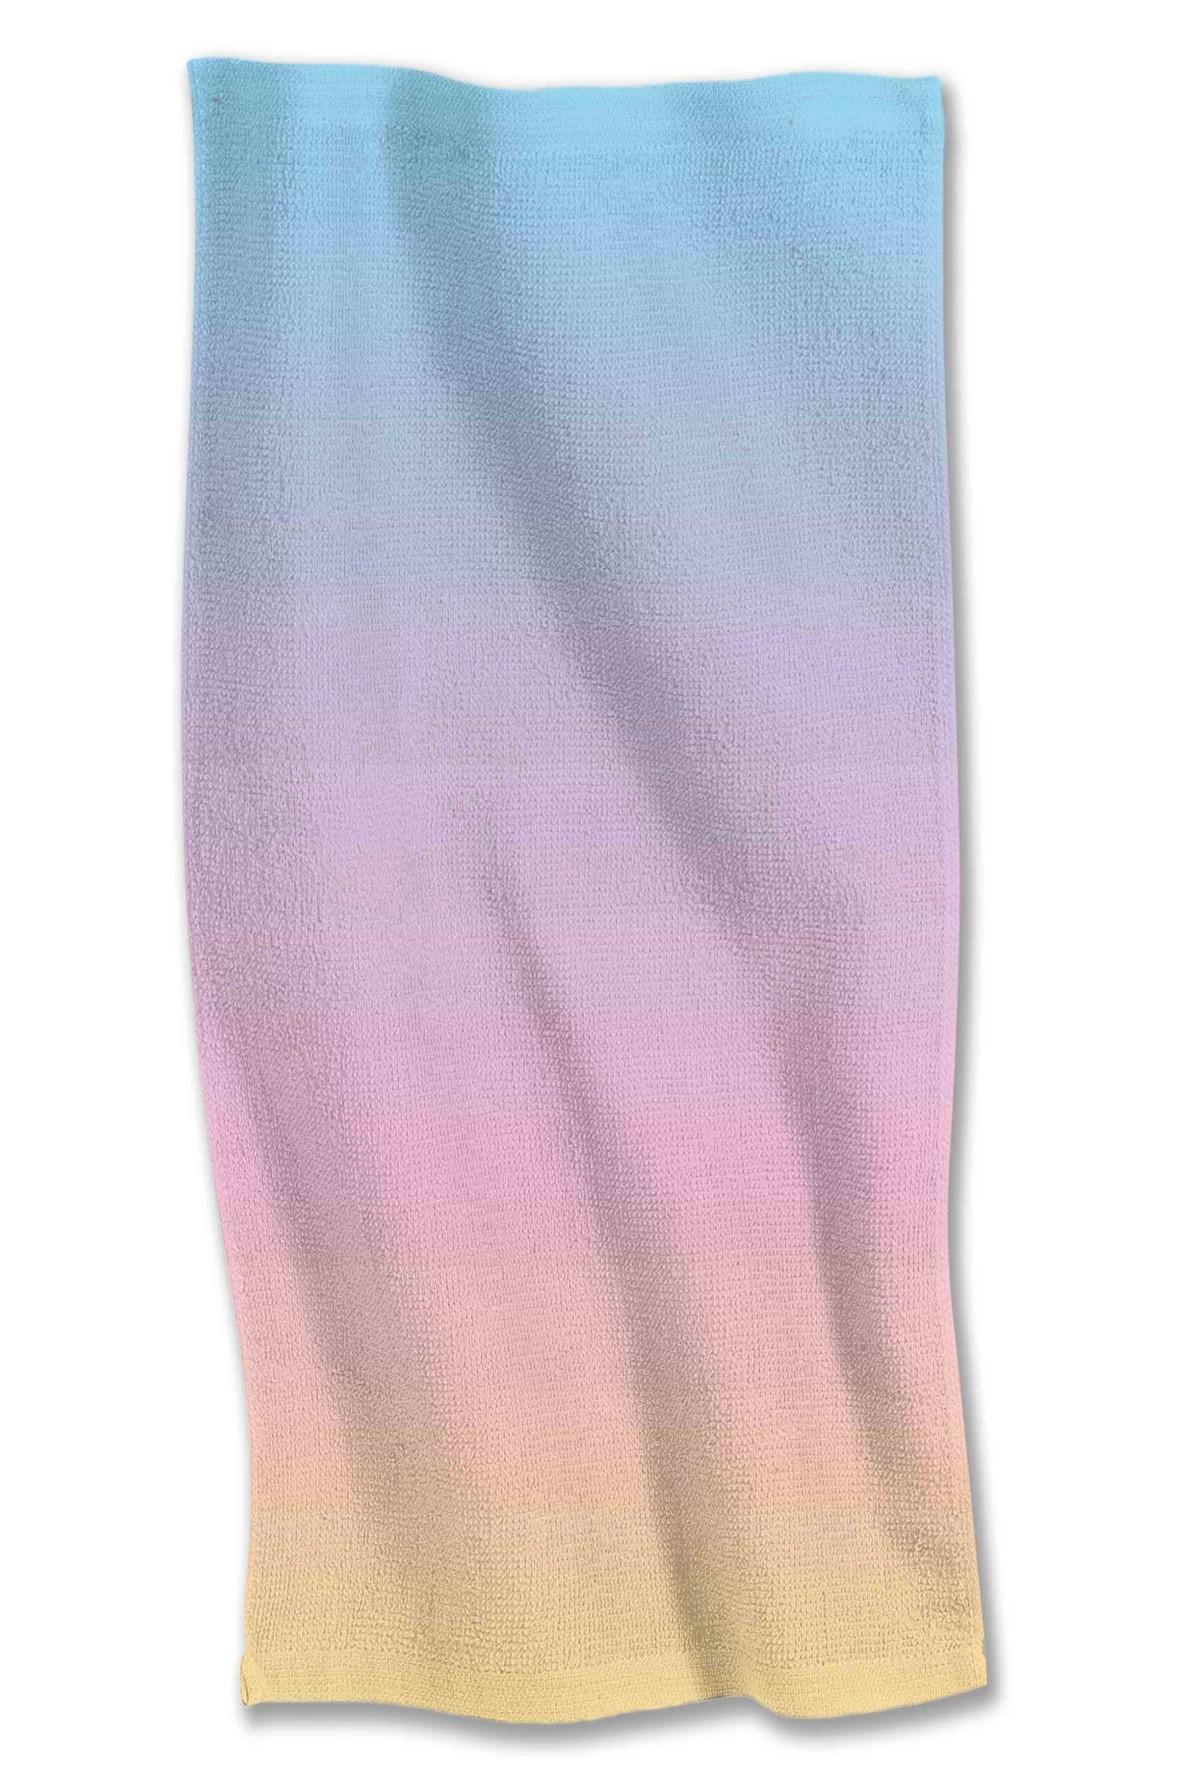 Recznik kąpielowy bawełniany 70x140 cm